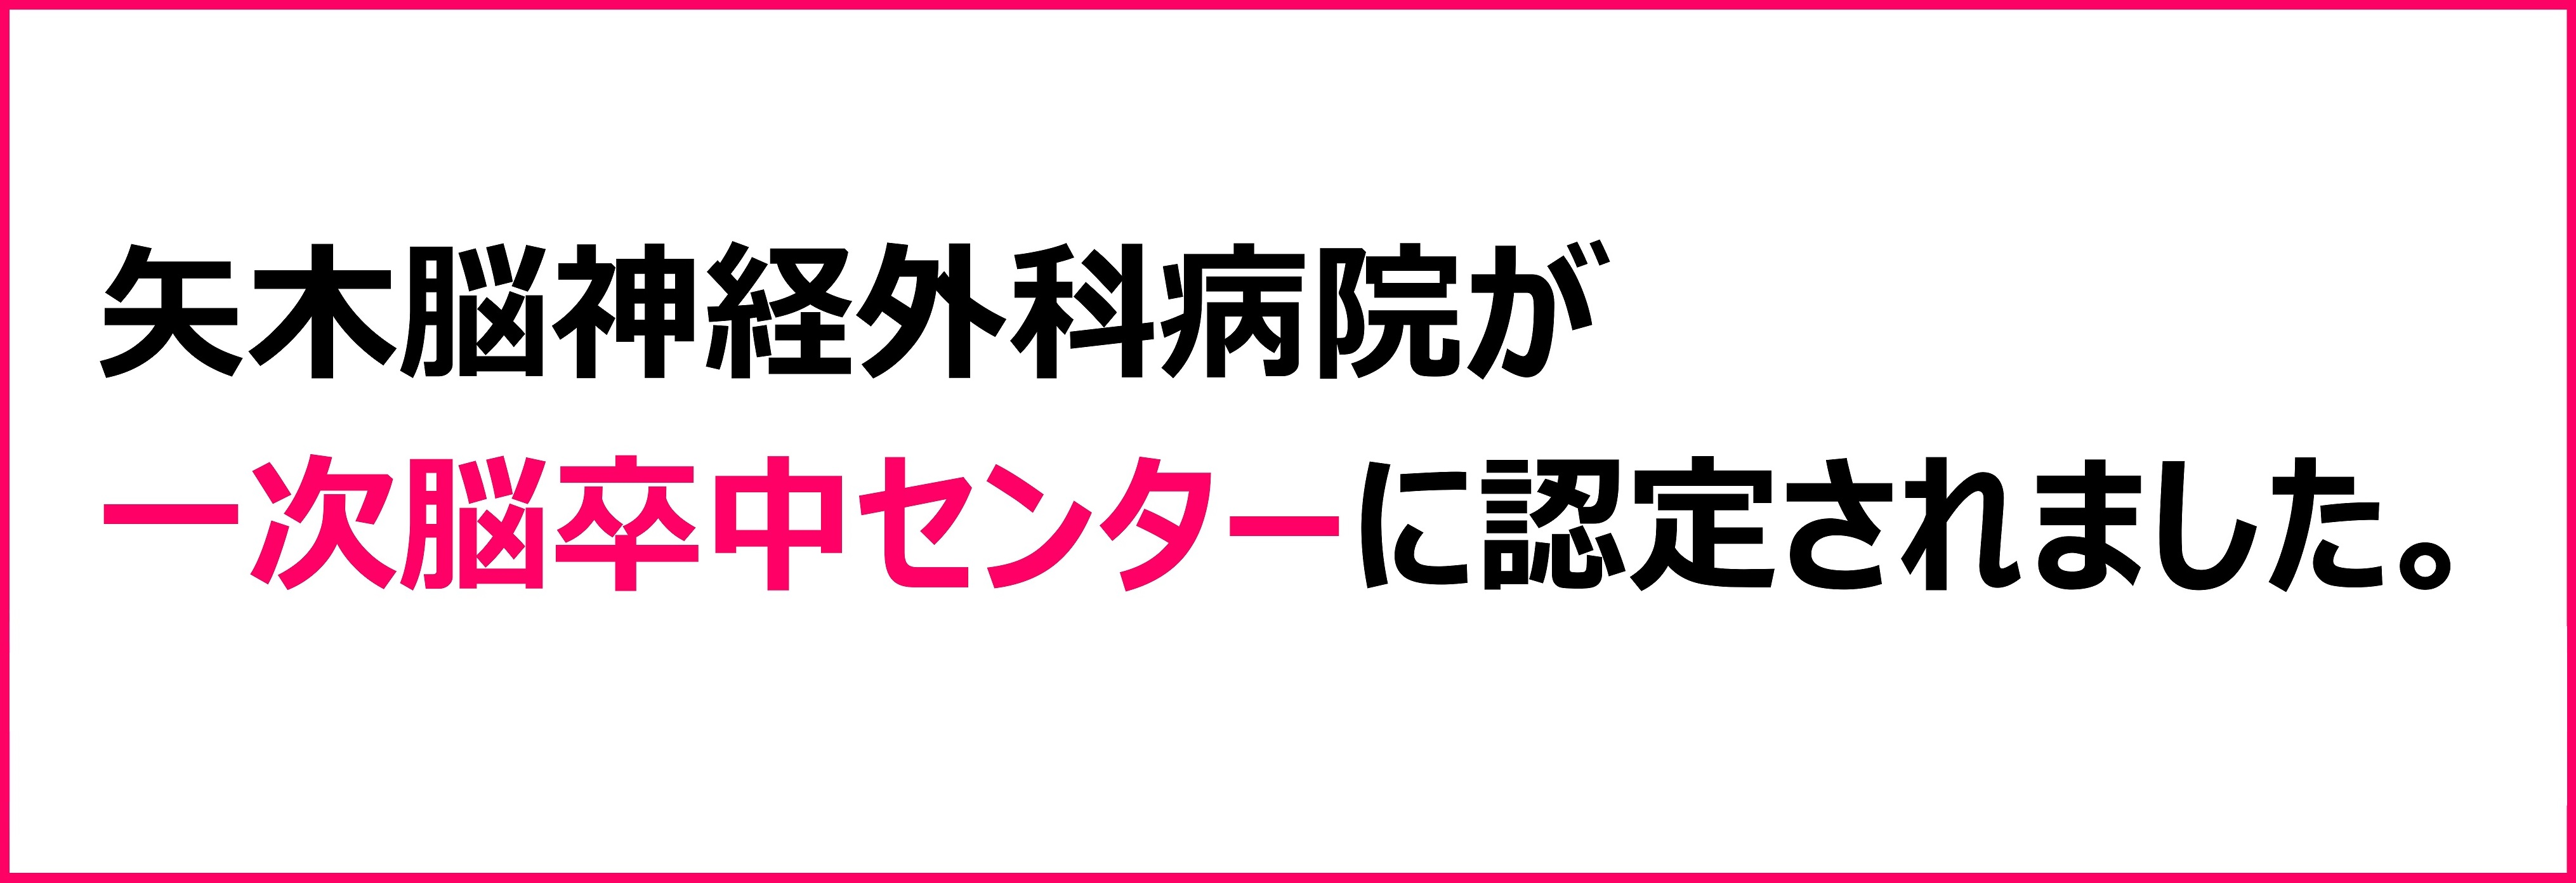 矢木脳神経外科病院が一次脳卒中センターに認定されました。